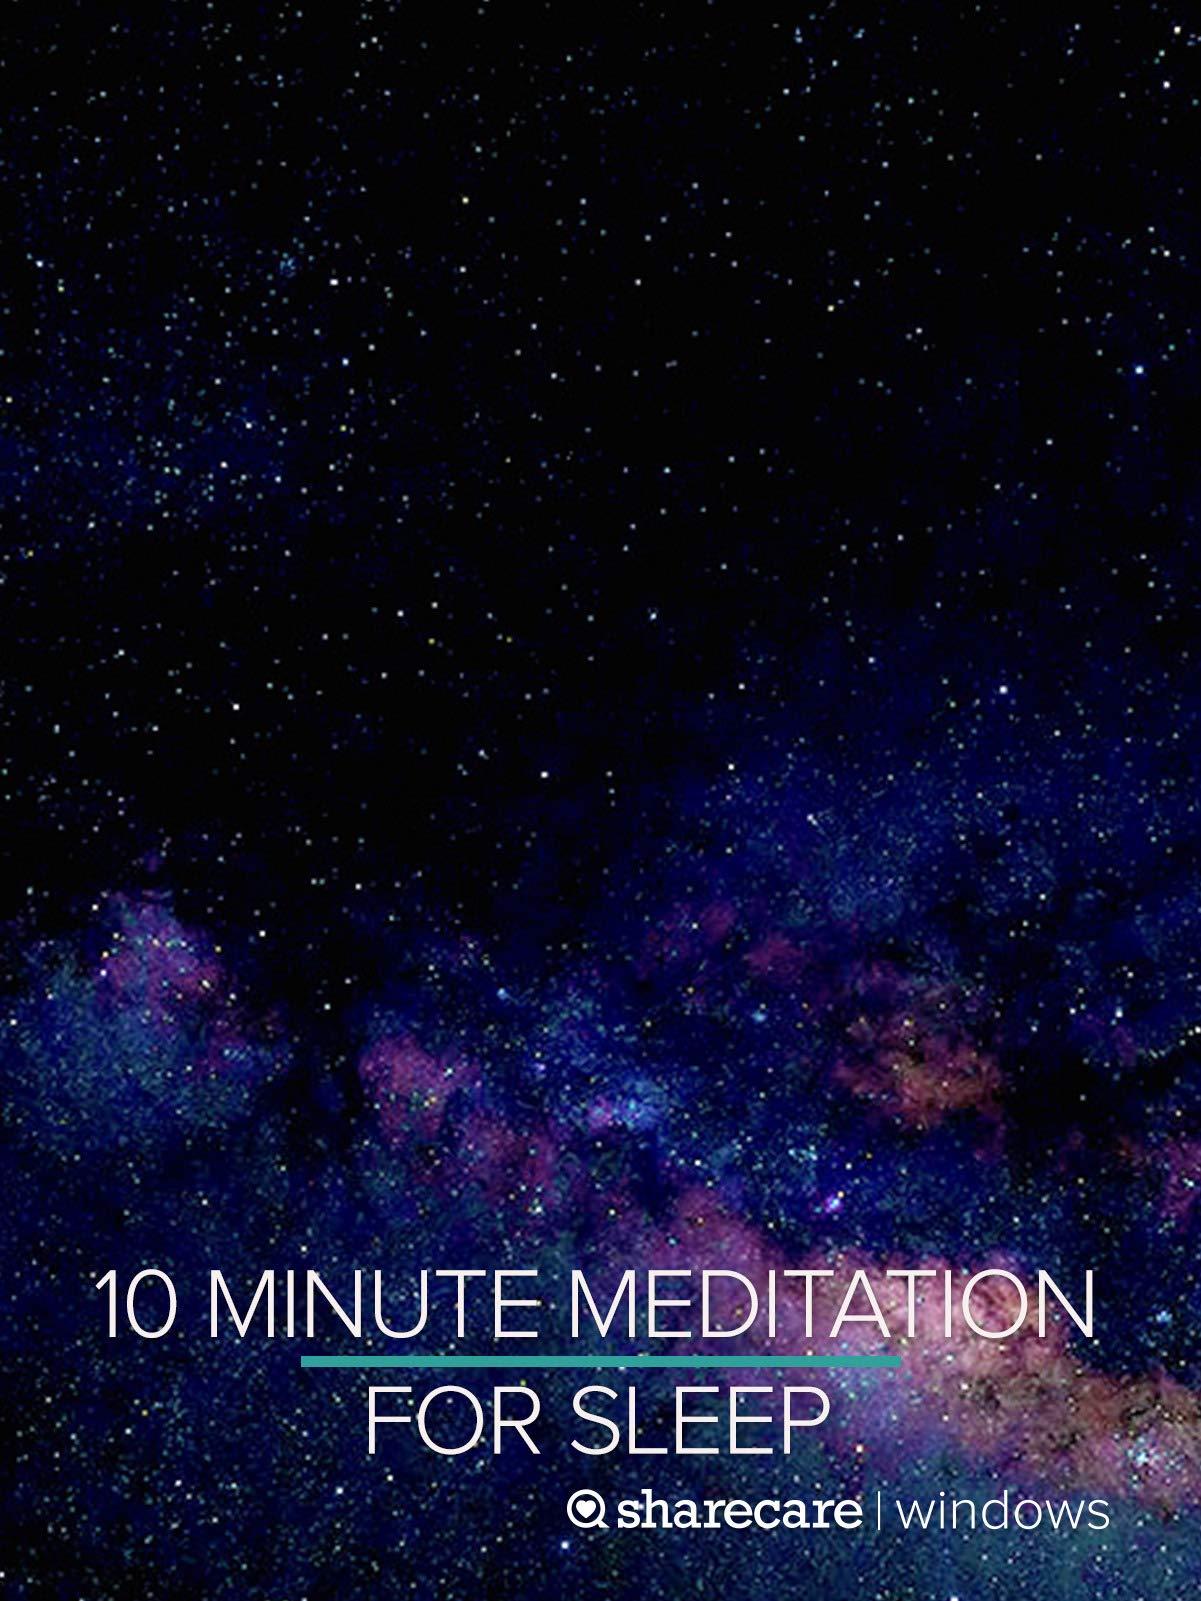 10 Minute Meditation for Sleep